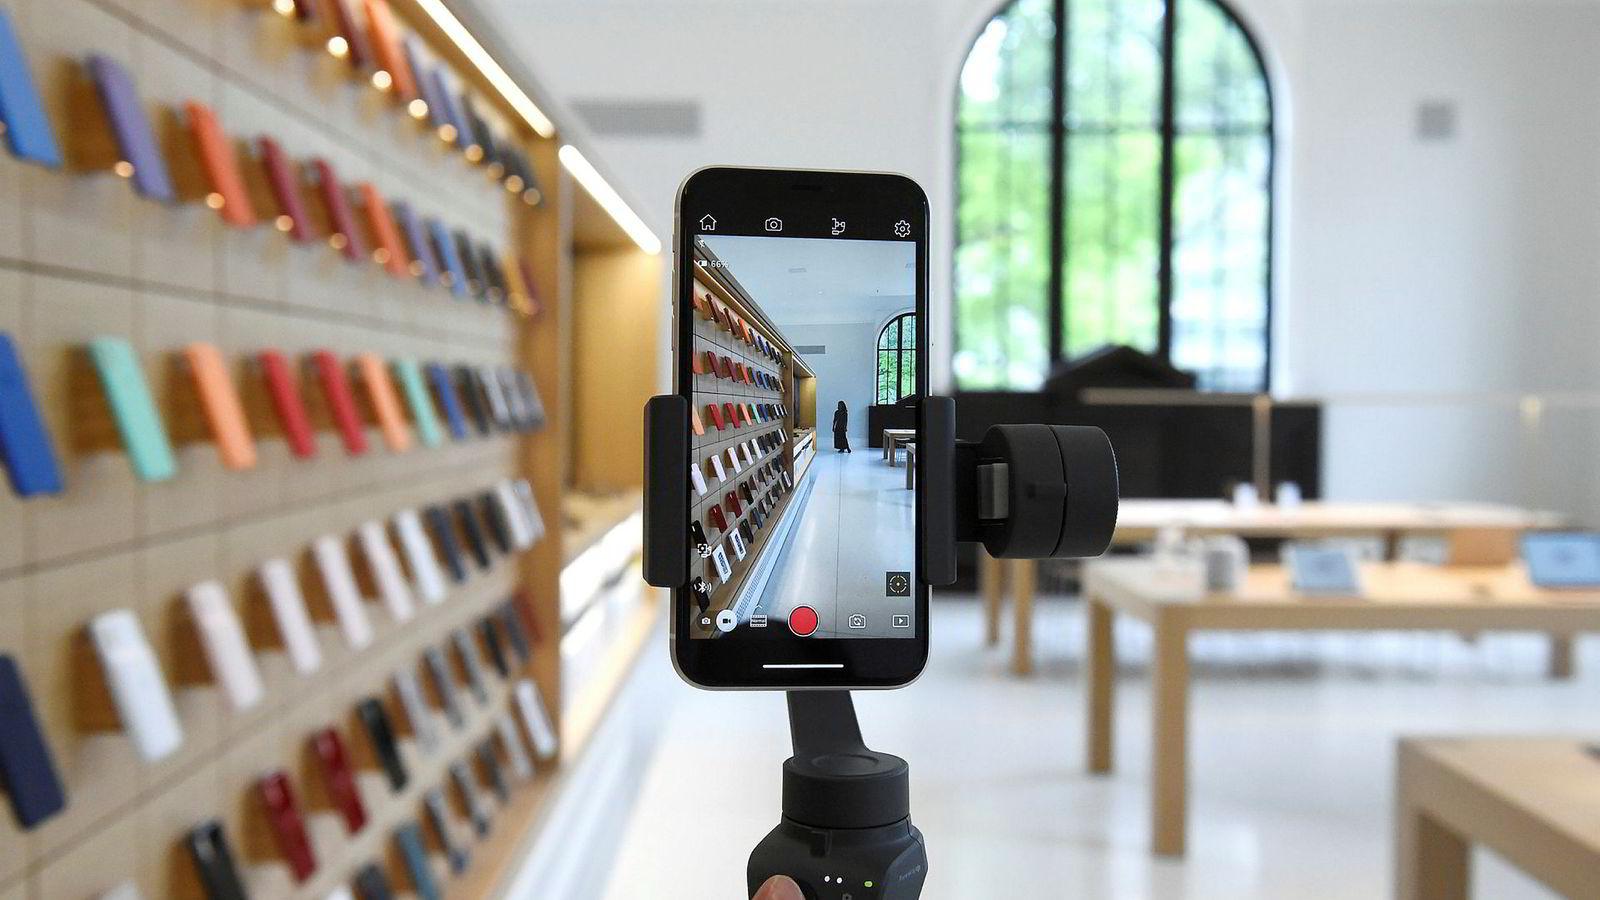 En av Mariana Mazzucatos mest kjente påstander er denne: «Alt som er 'smart' med Iphone, som internett, gps-teknologi og touchscreen, er teknologier som er utviklet ved hjelp av offentlig finansiert forskning.»